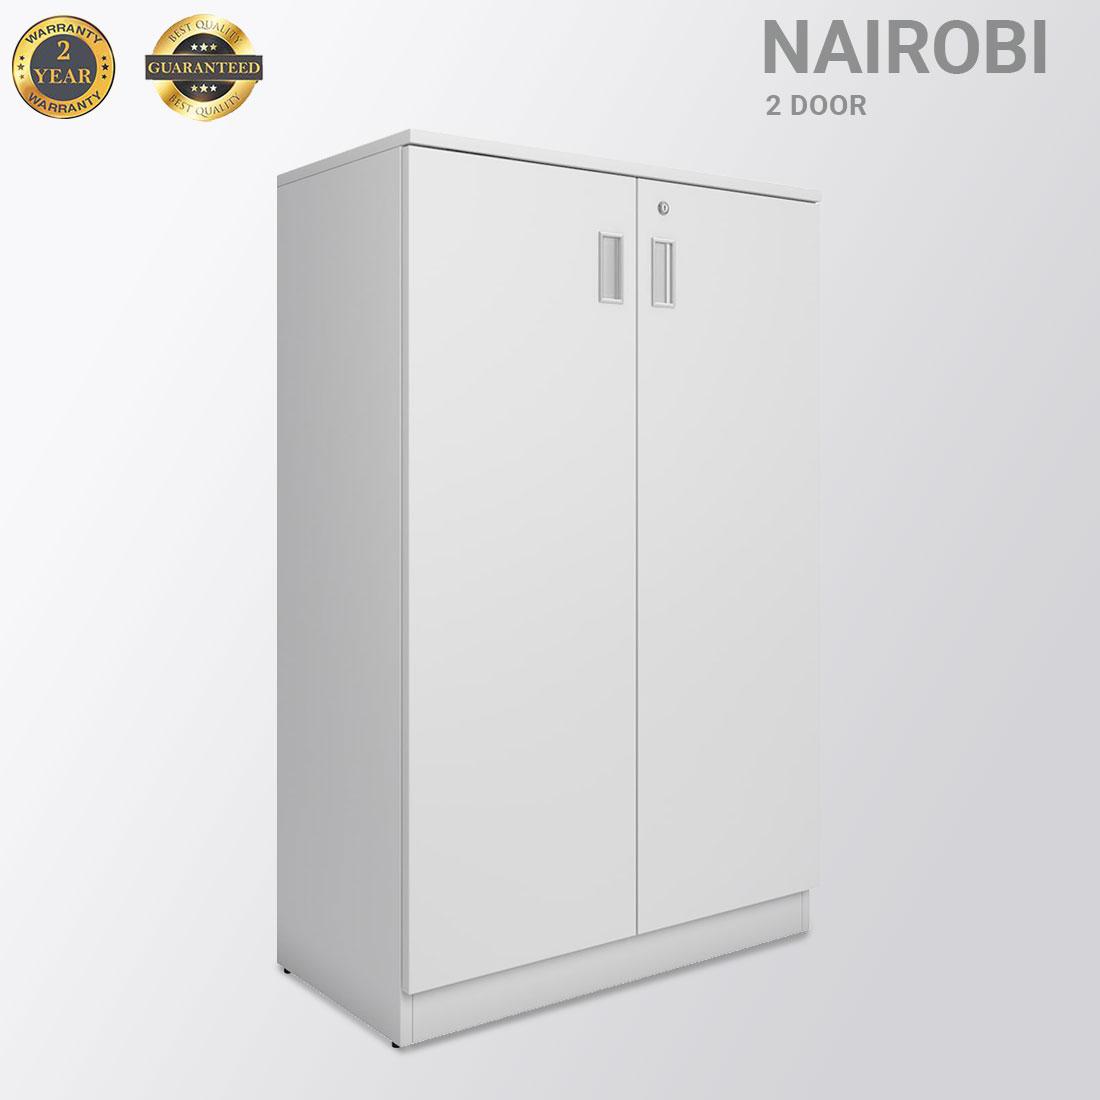 NAIROBI W  2 DOOR